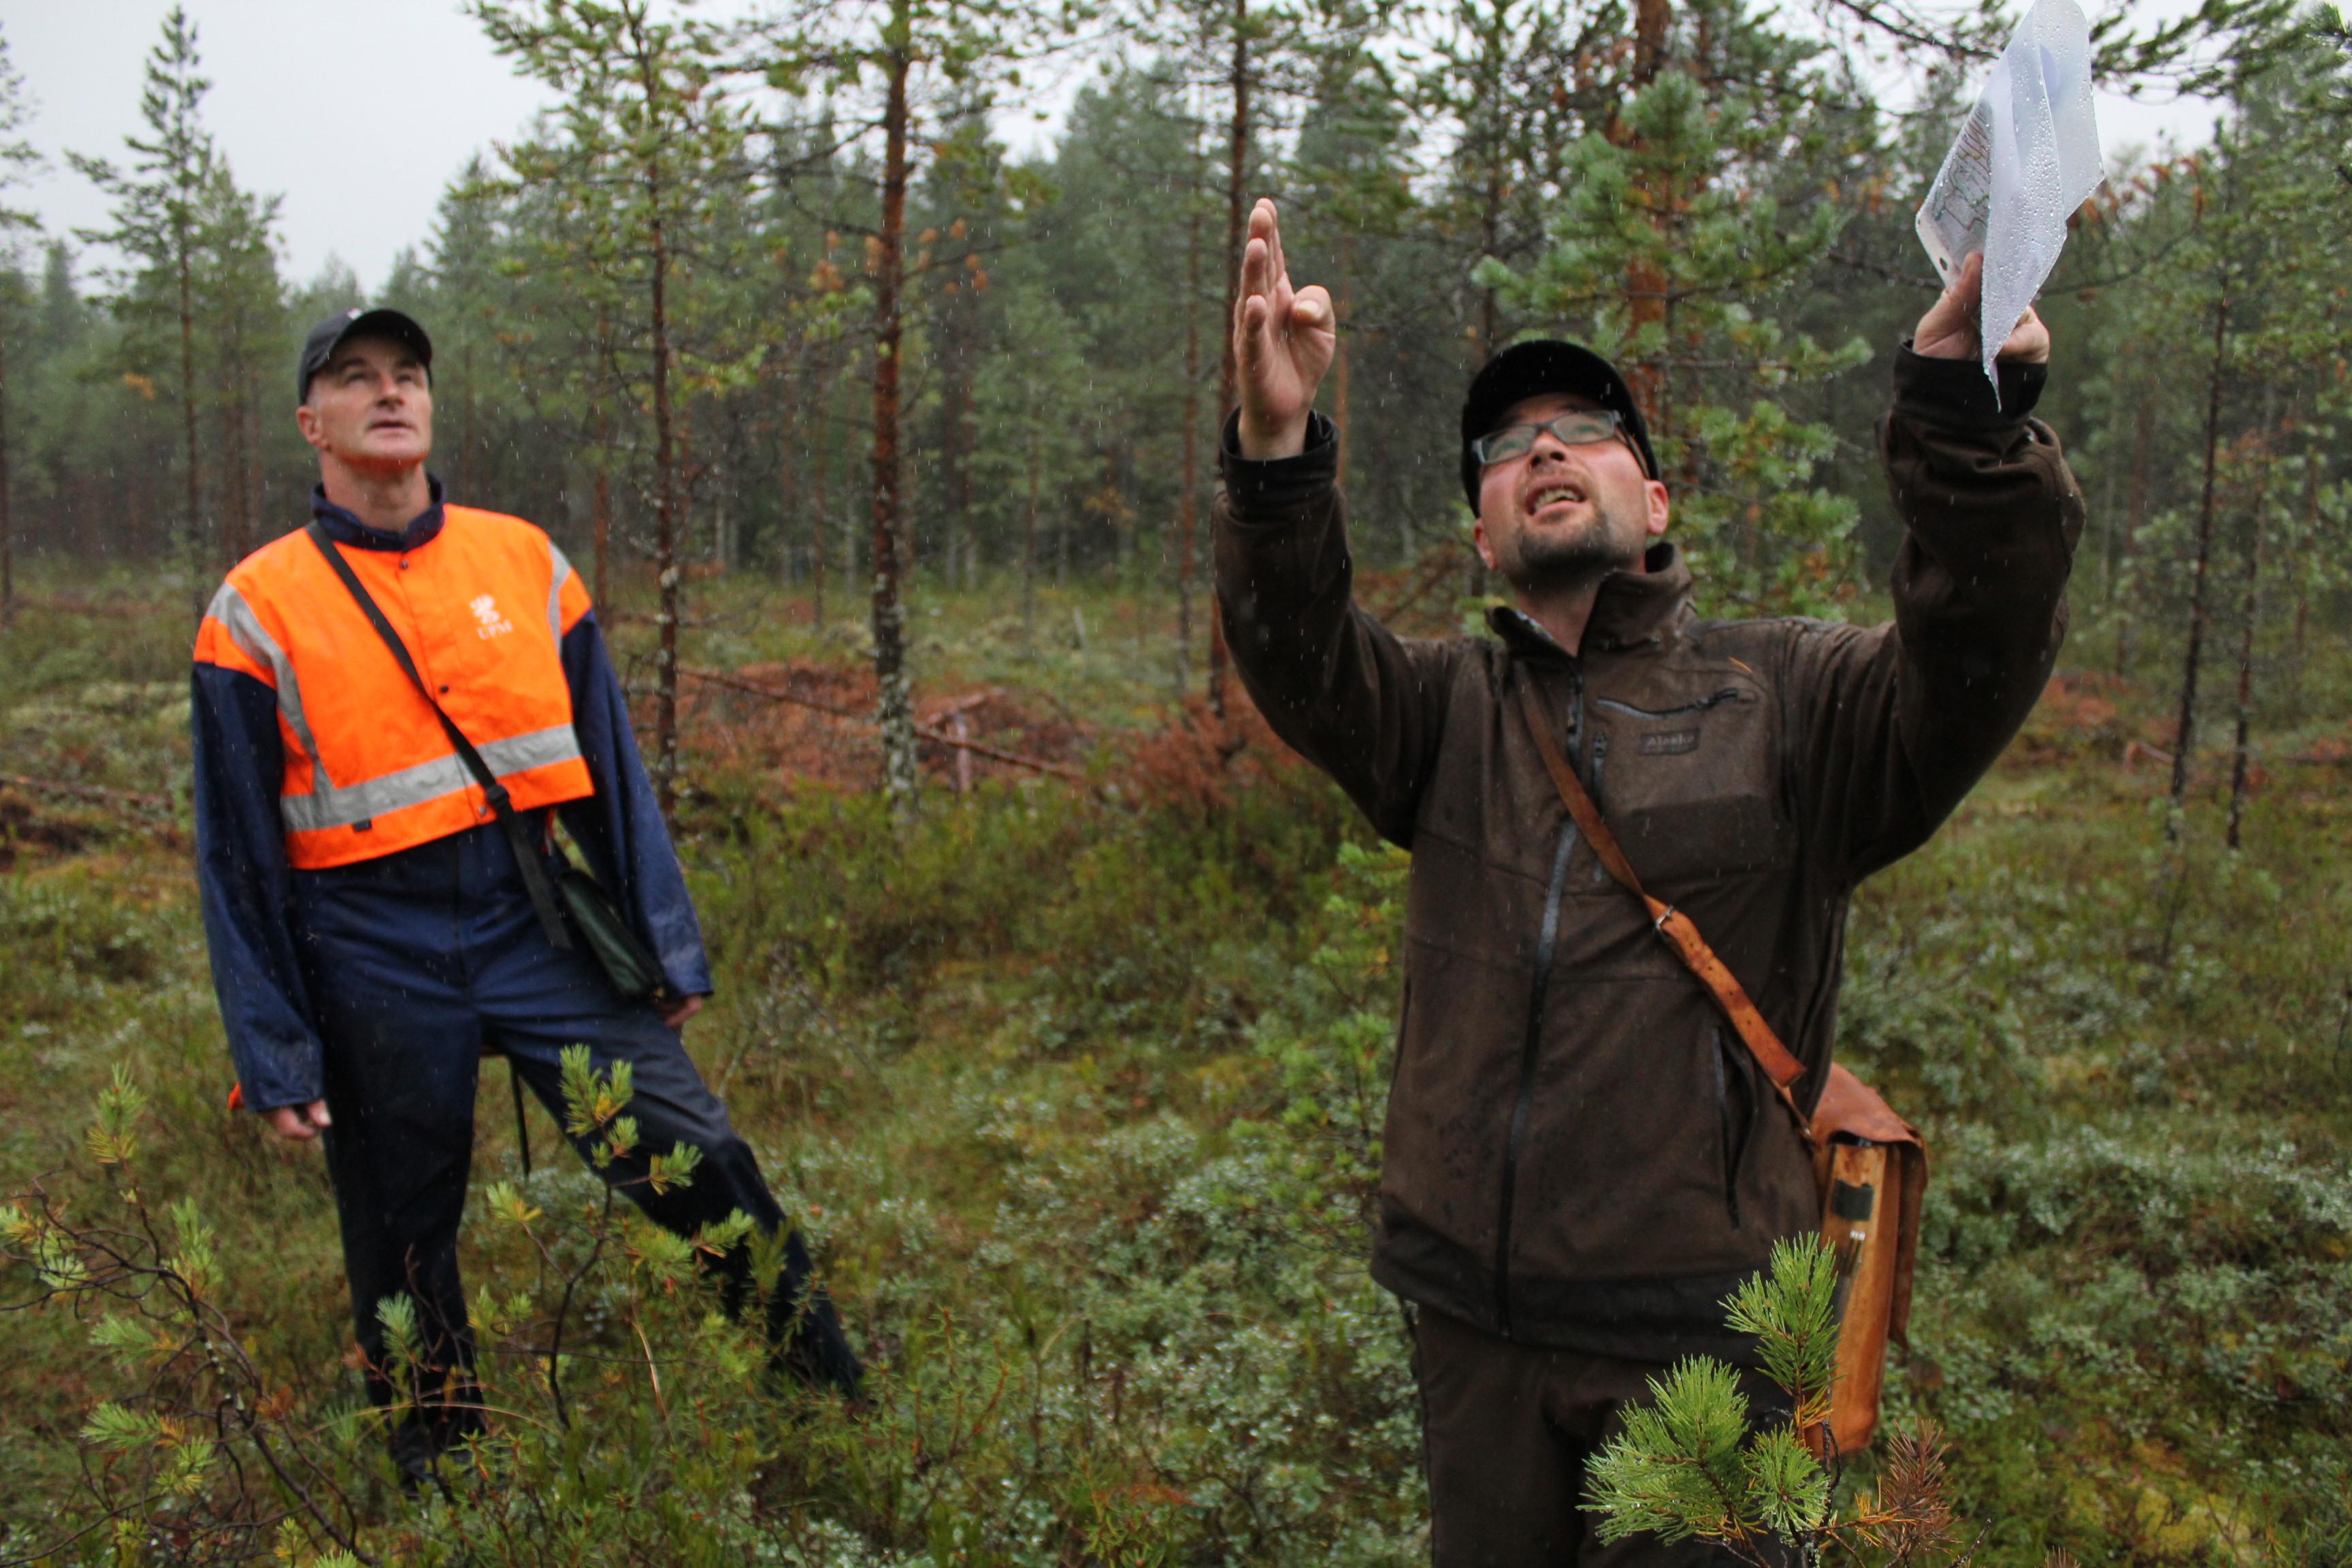 ahti-raina-ohjeistaa-metsurille-puuston-poistoa-9-8-2013-jsiekkinen